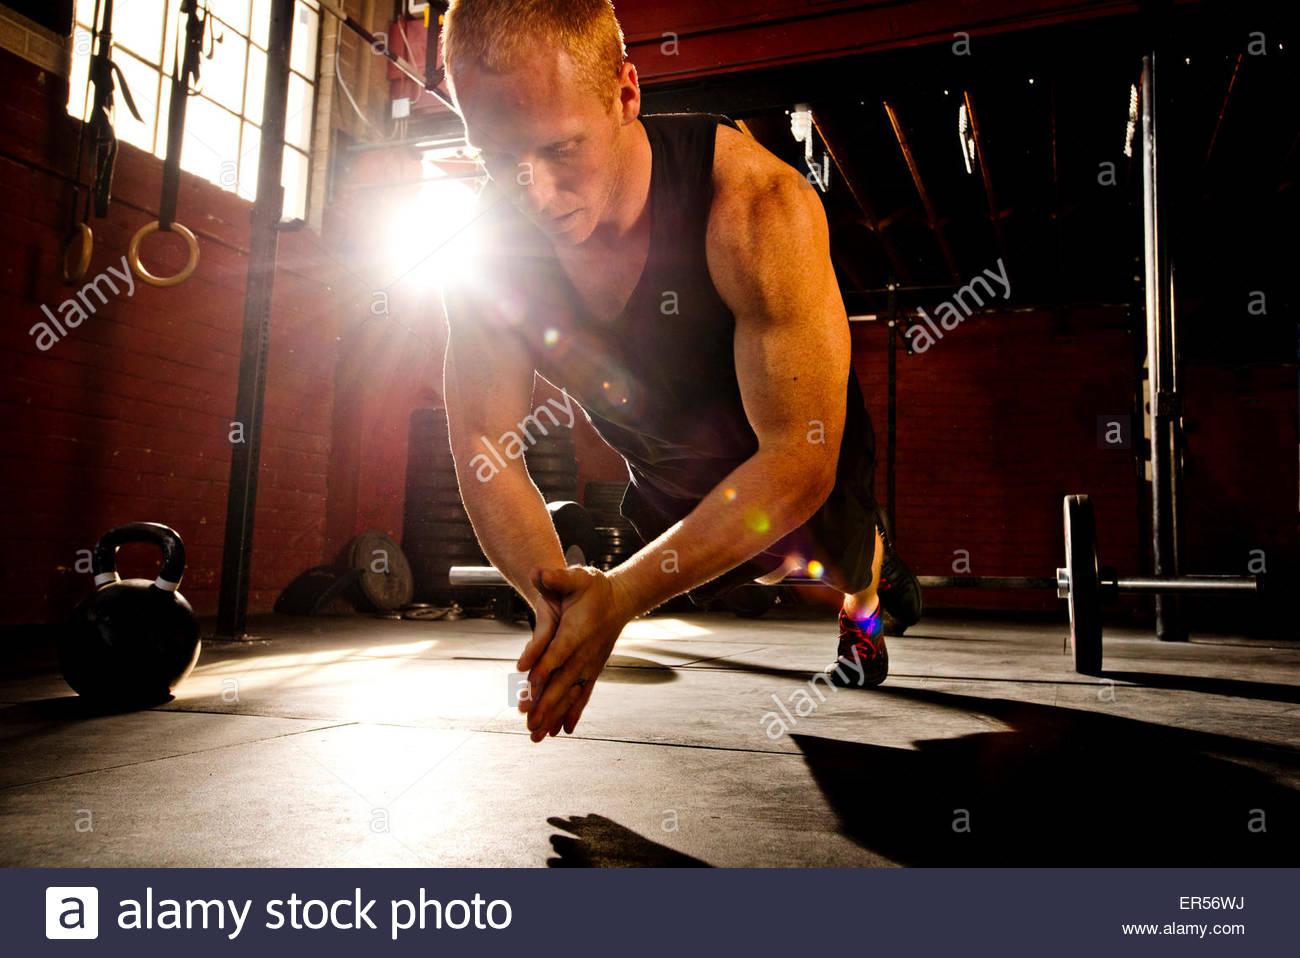 Un athlète crossfit fonctionne dans une salle de sport. crossfit Photo Stock